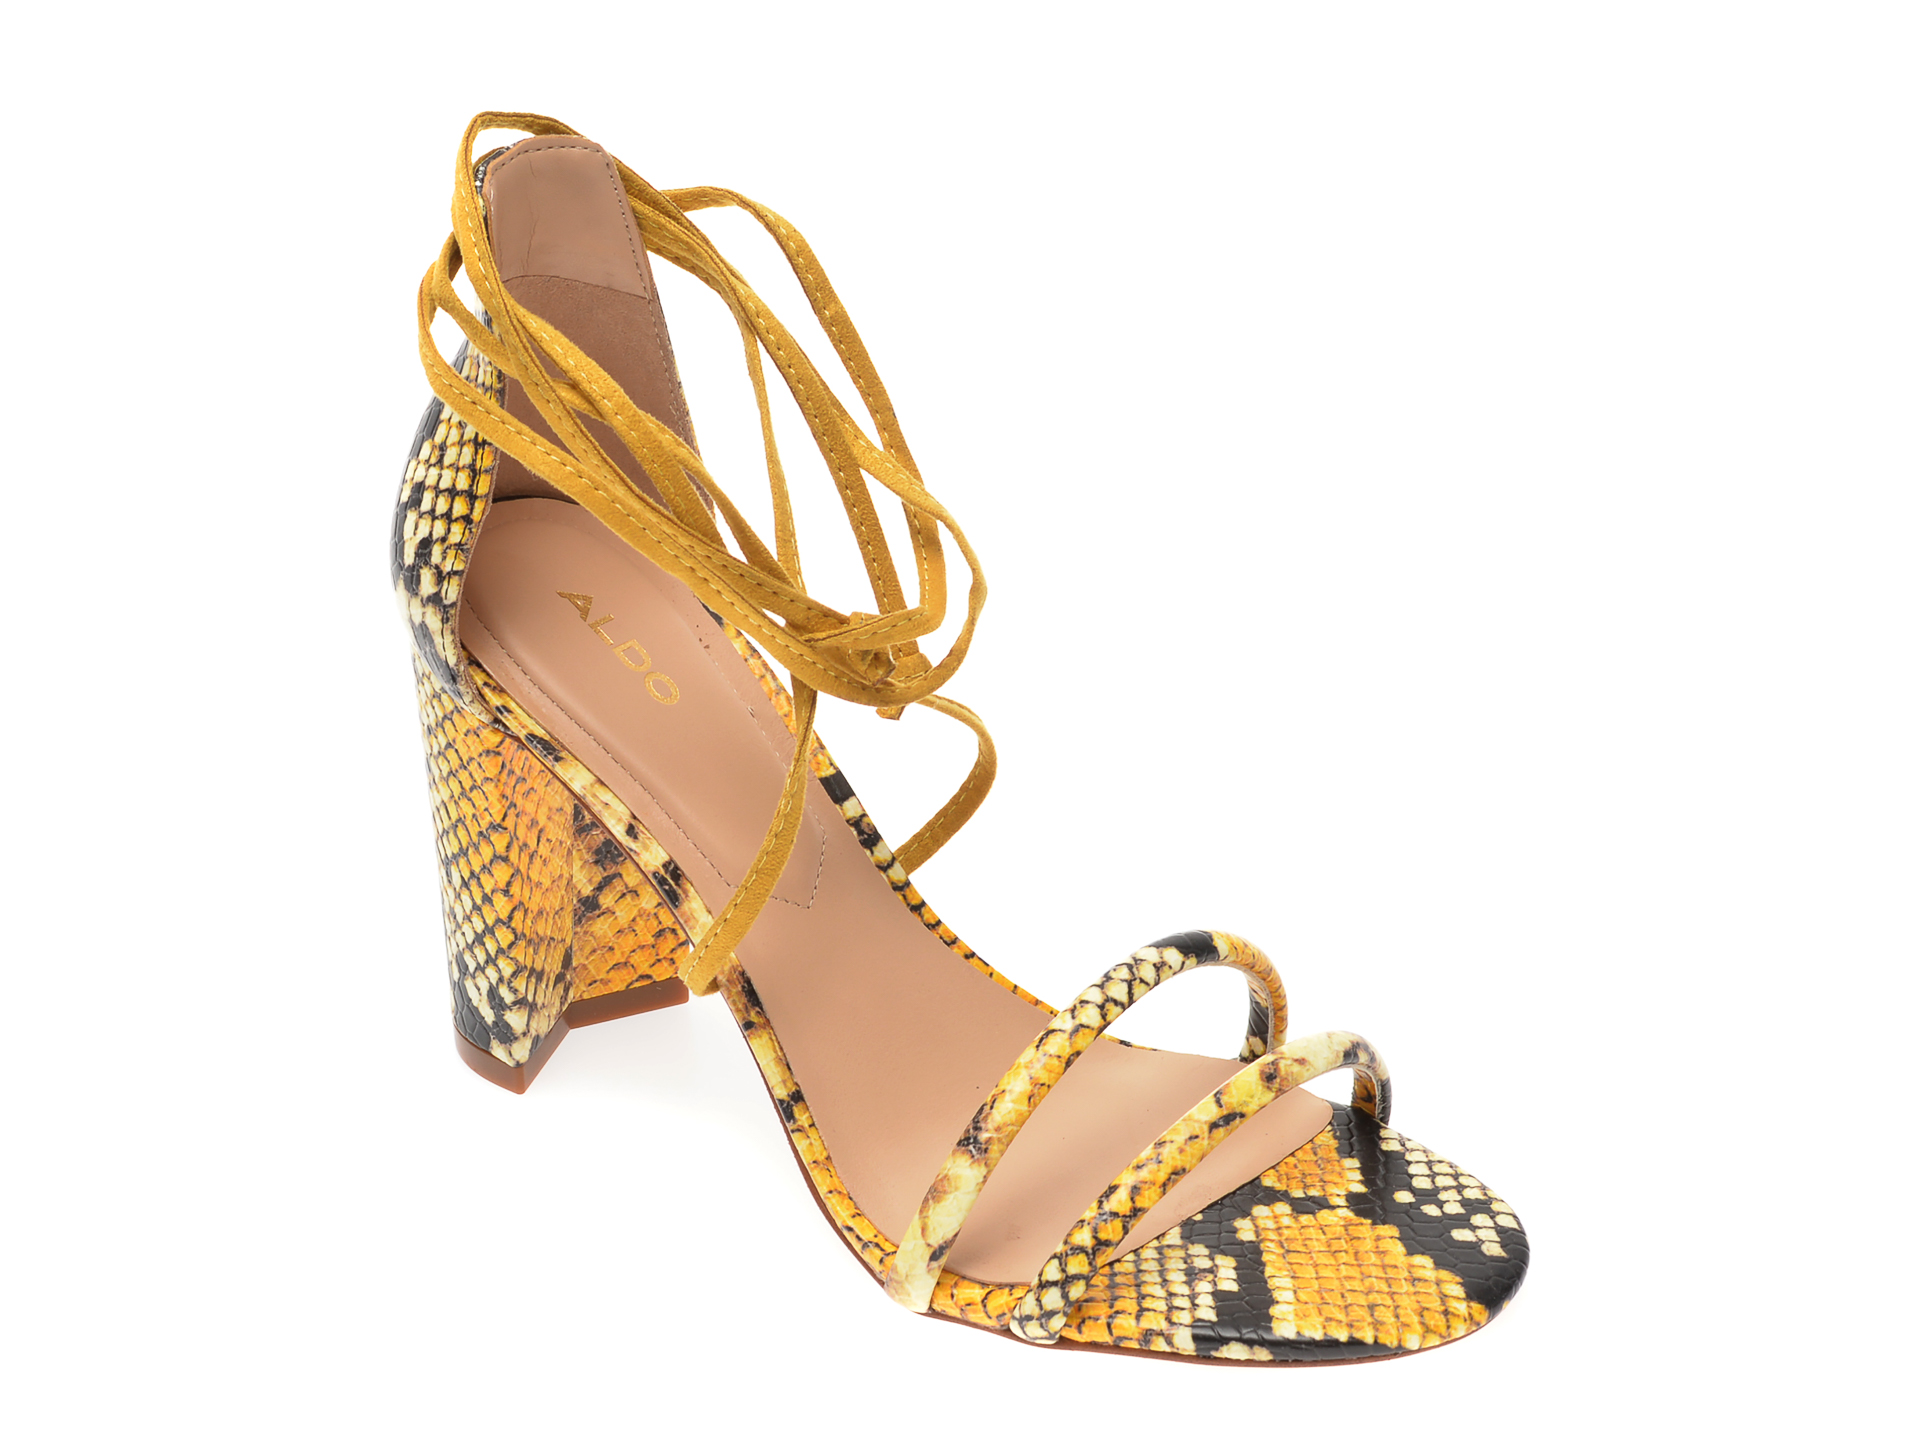 Sandale ALDO galbene, Nyderia750, din piele ecologica imagine otter.ro 2021